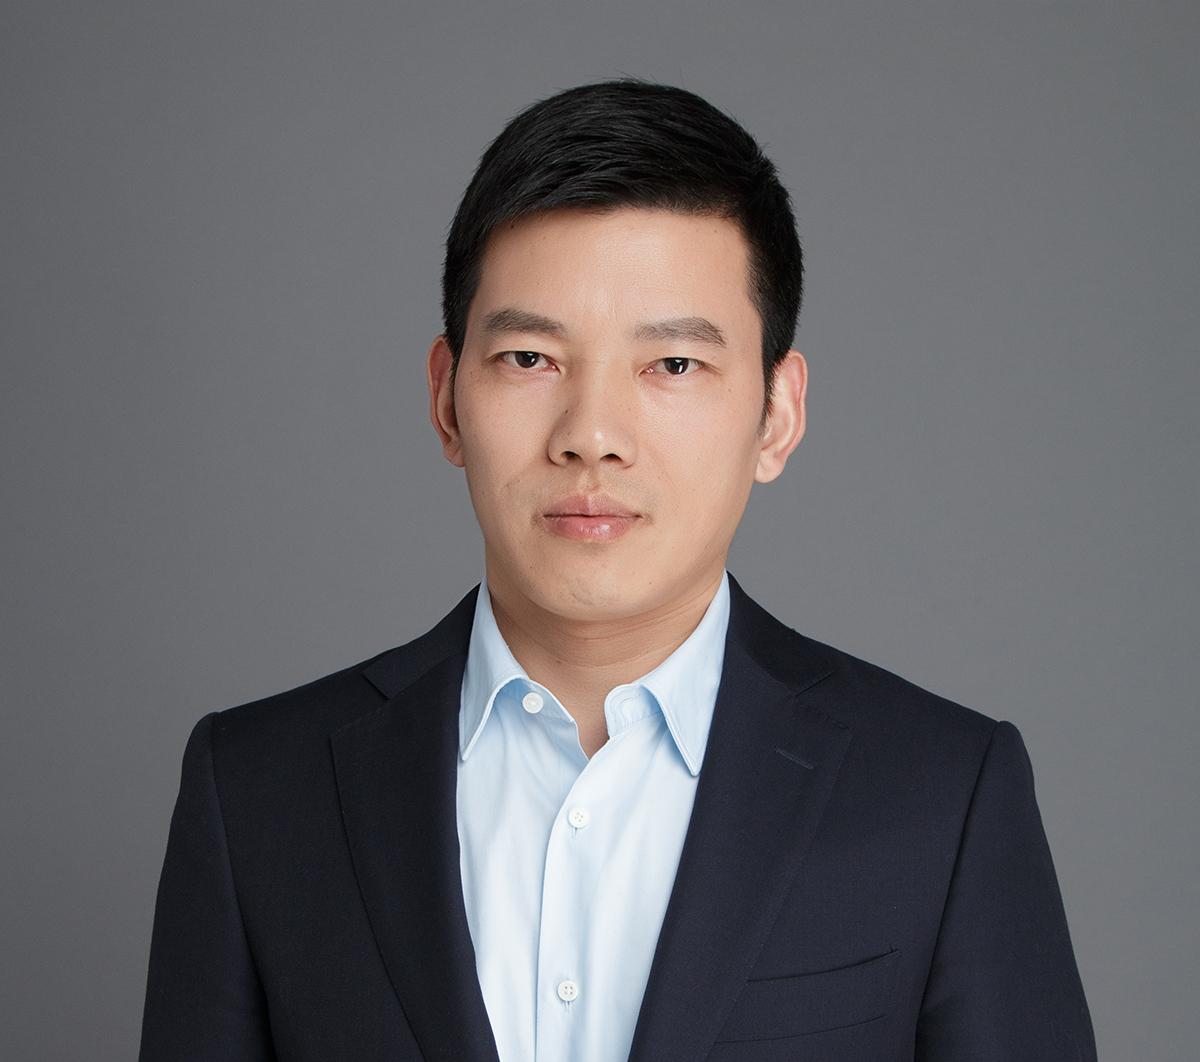 John Xu